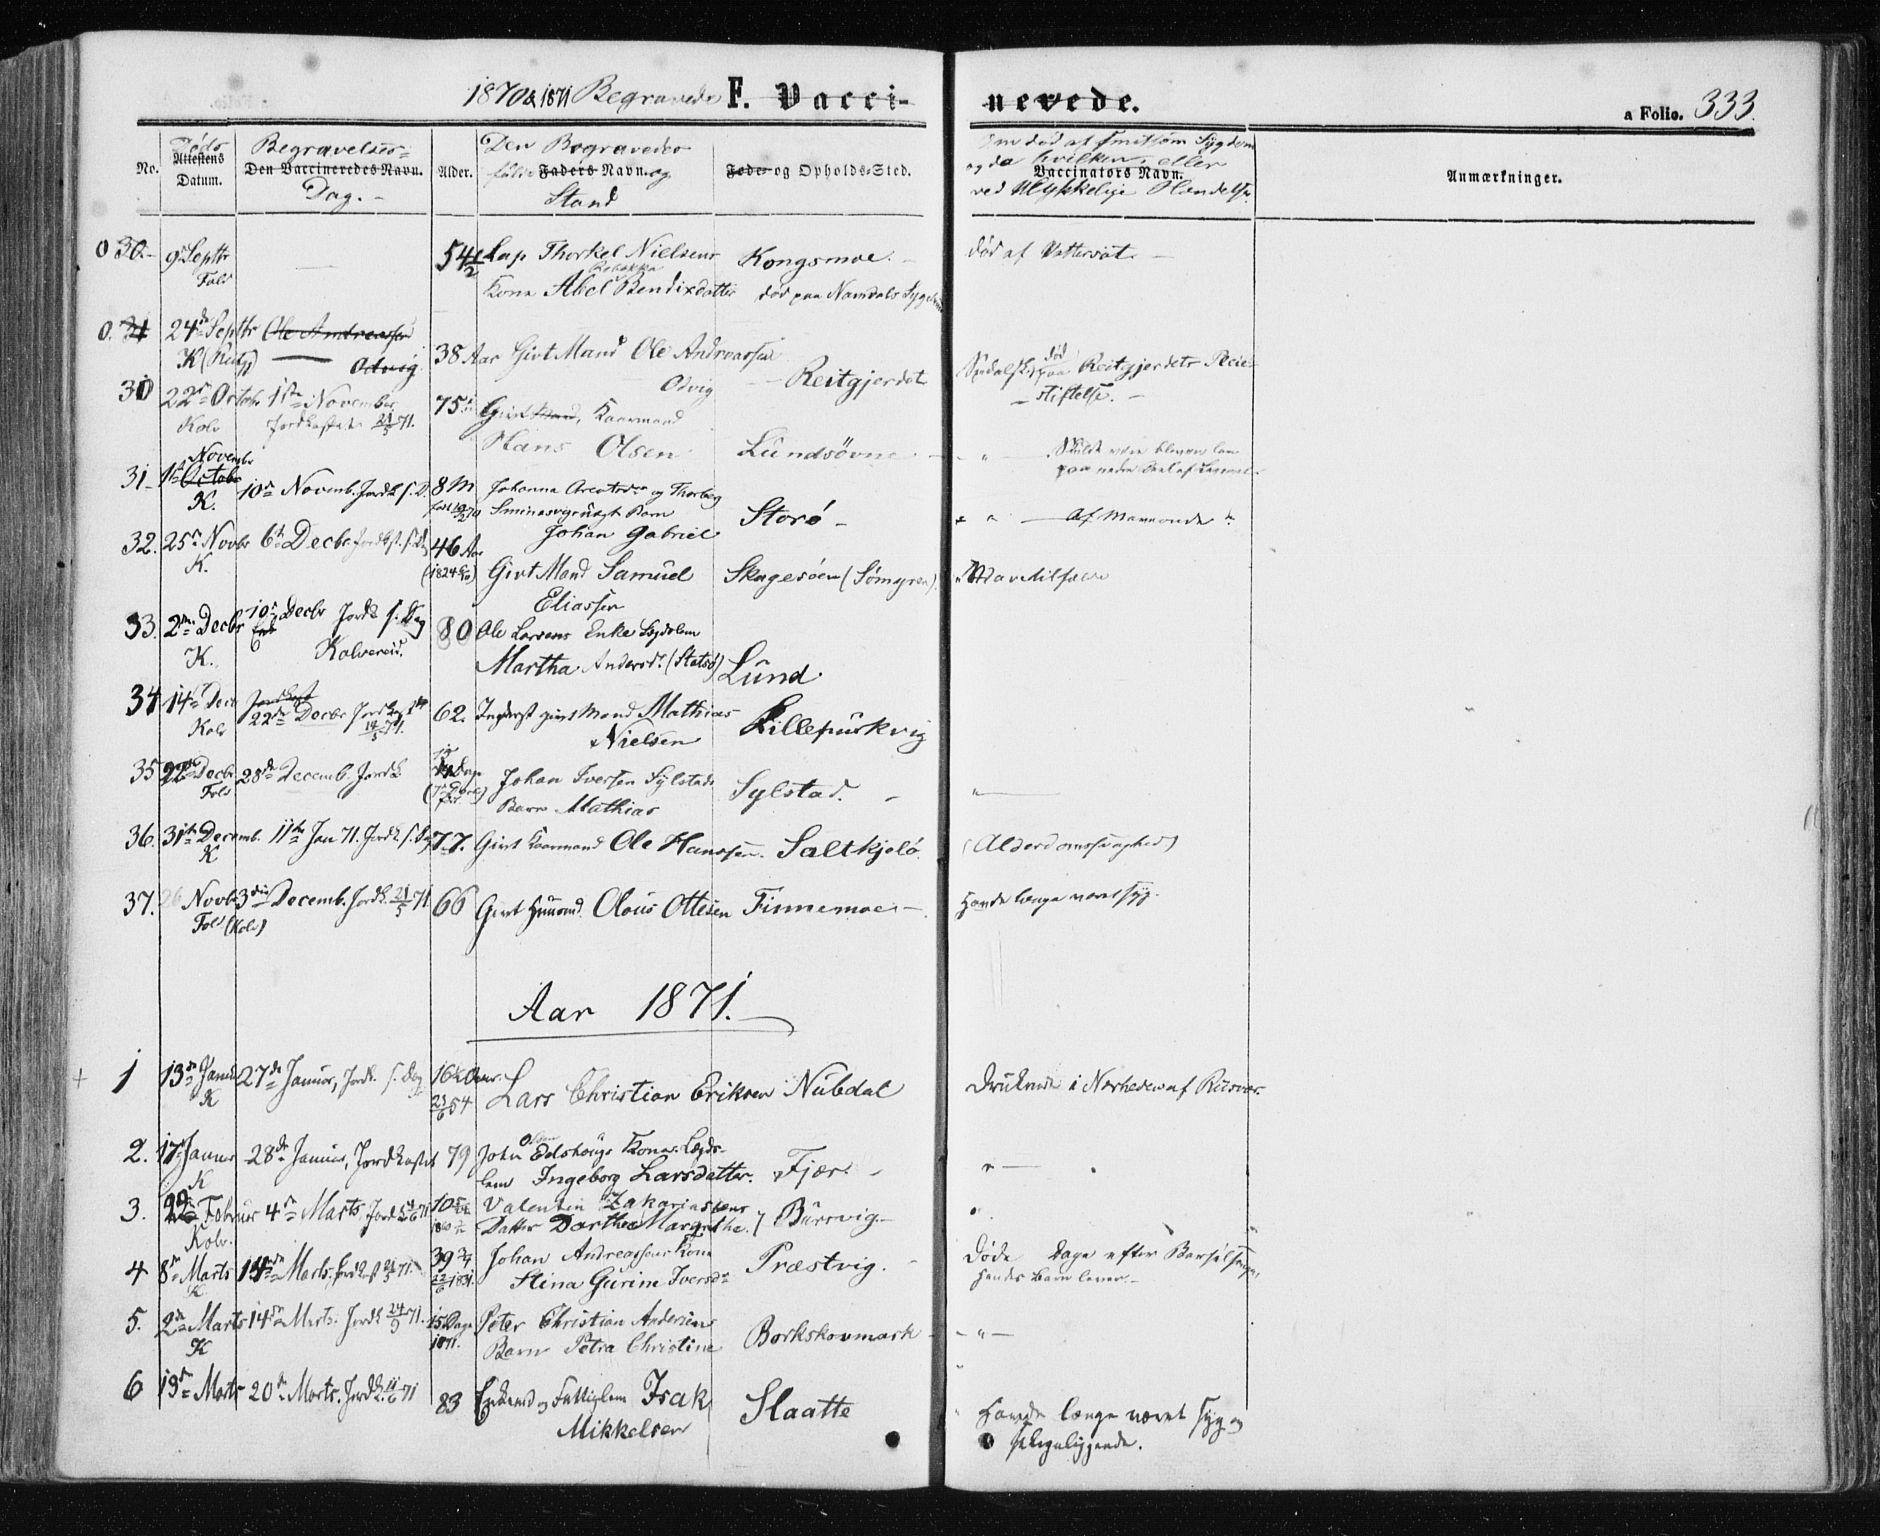 SAT, Ministerialprotokoller, klokkerbøker og fødselsregistre - Nord-Trøndelag, 780/L0641: Ministerialbok nr. 780A06, 1857-1874, s. 333